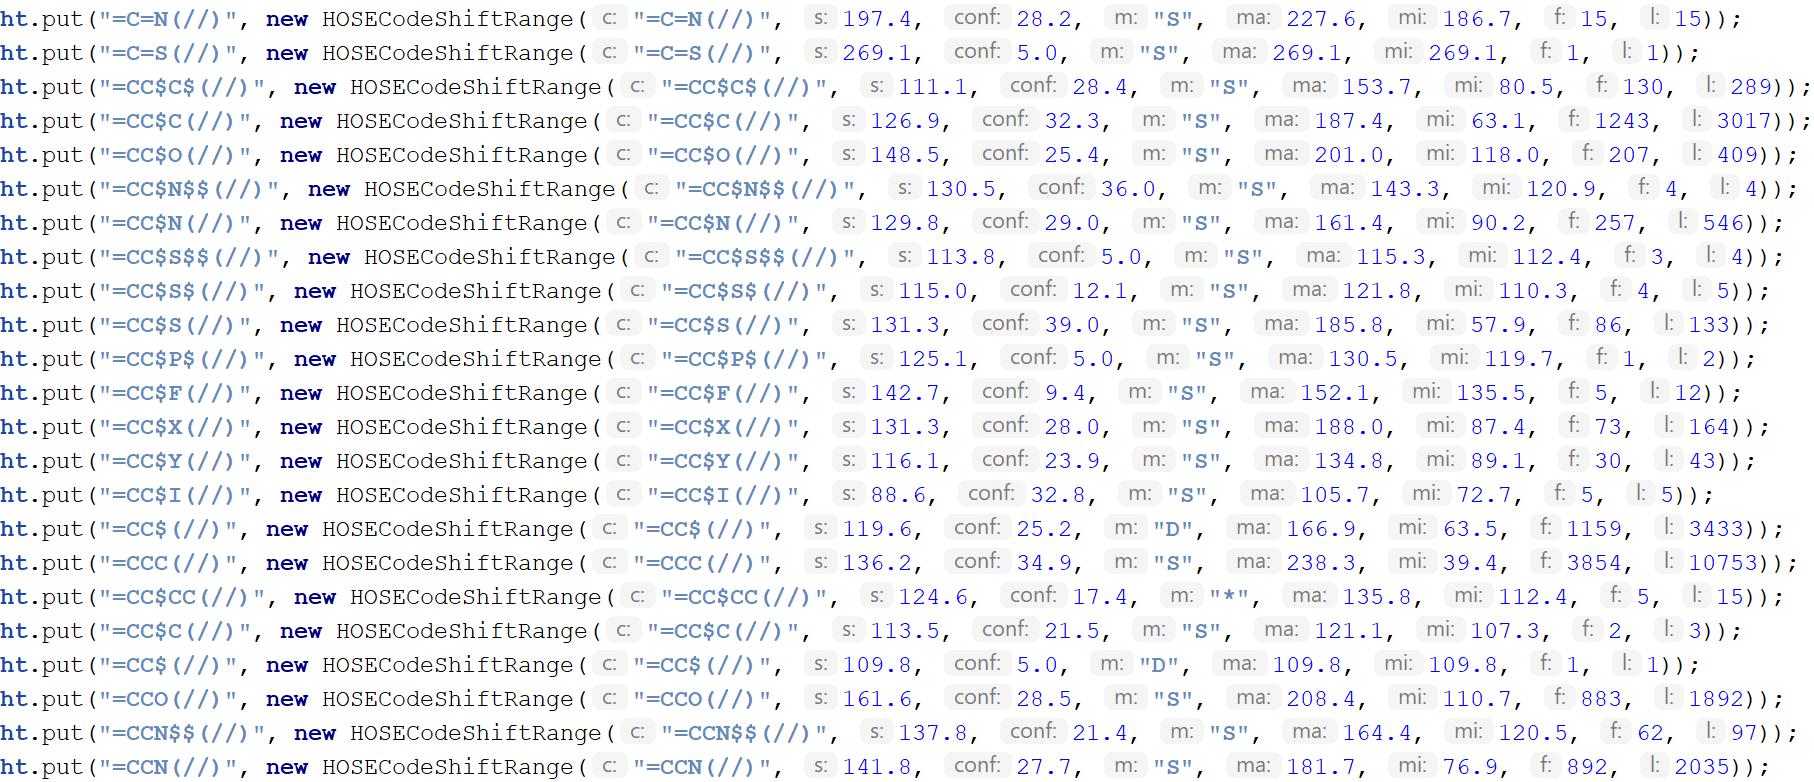 Проверка проекта CDK с помощью статического анализатора IntelliJ IDEA - 1